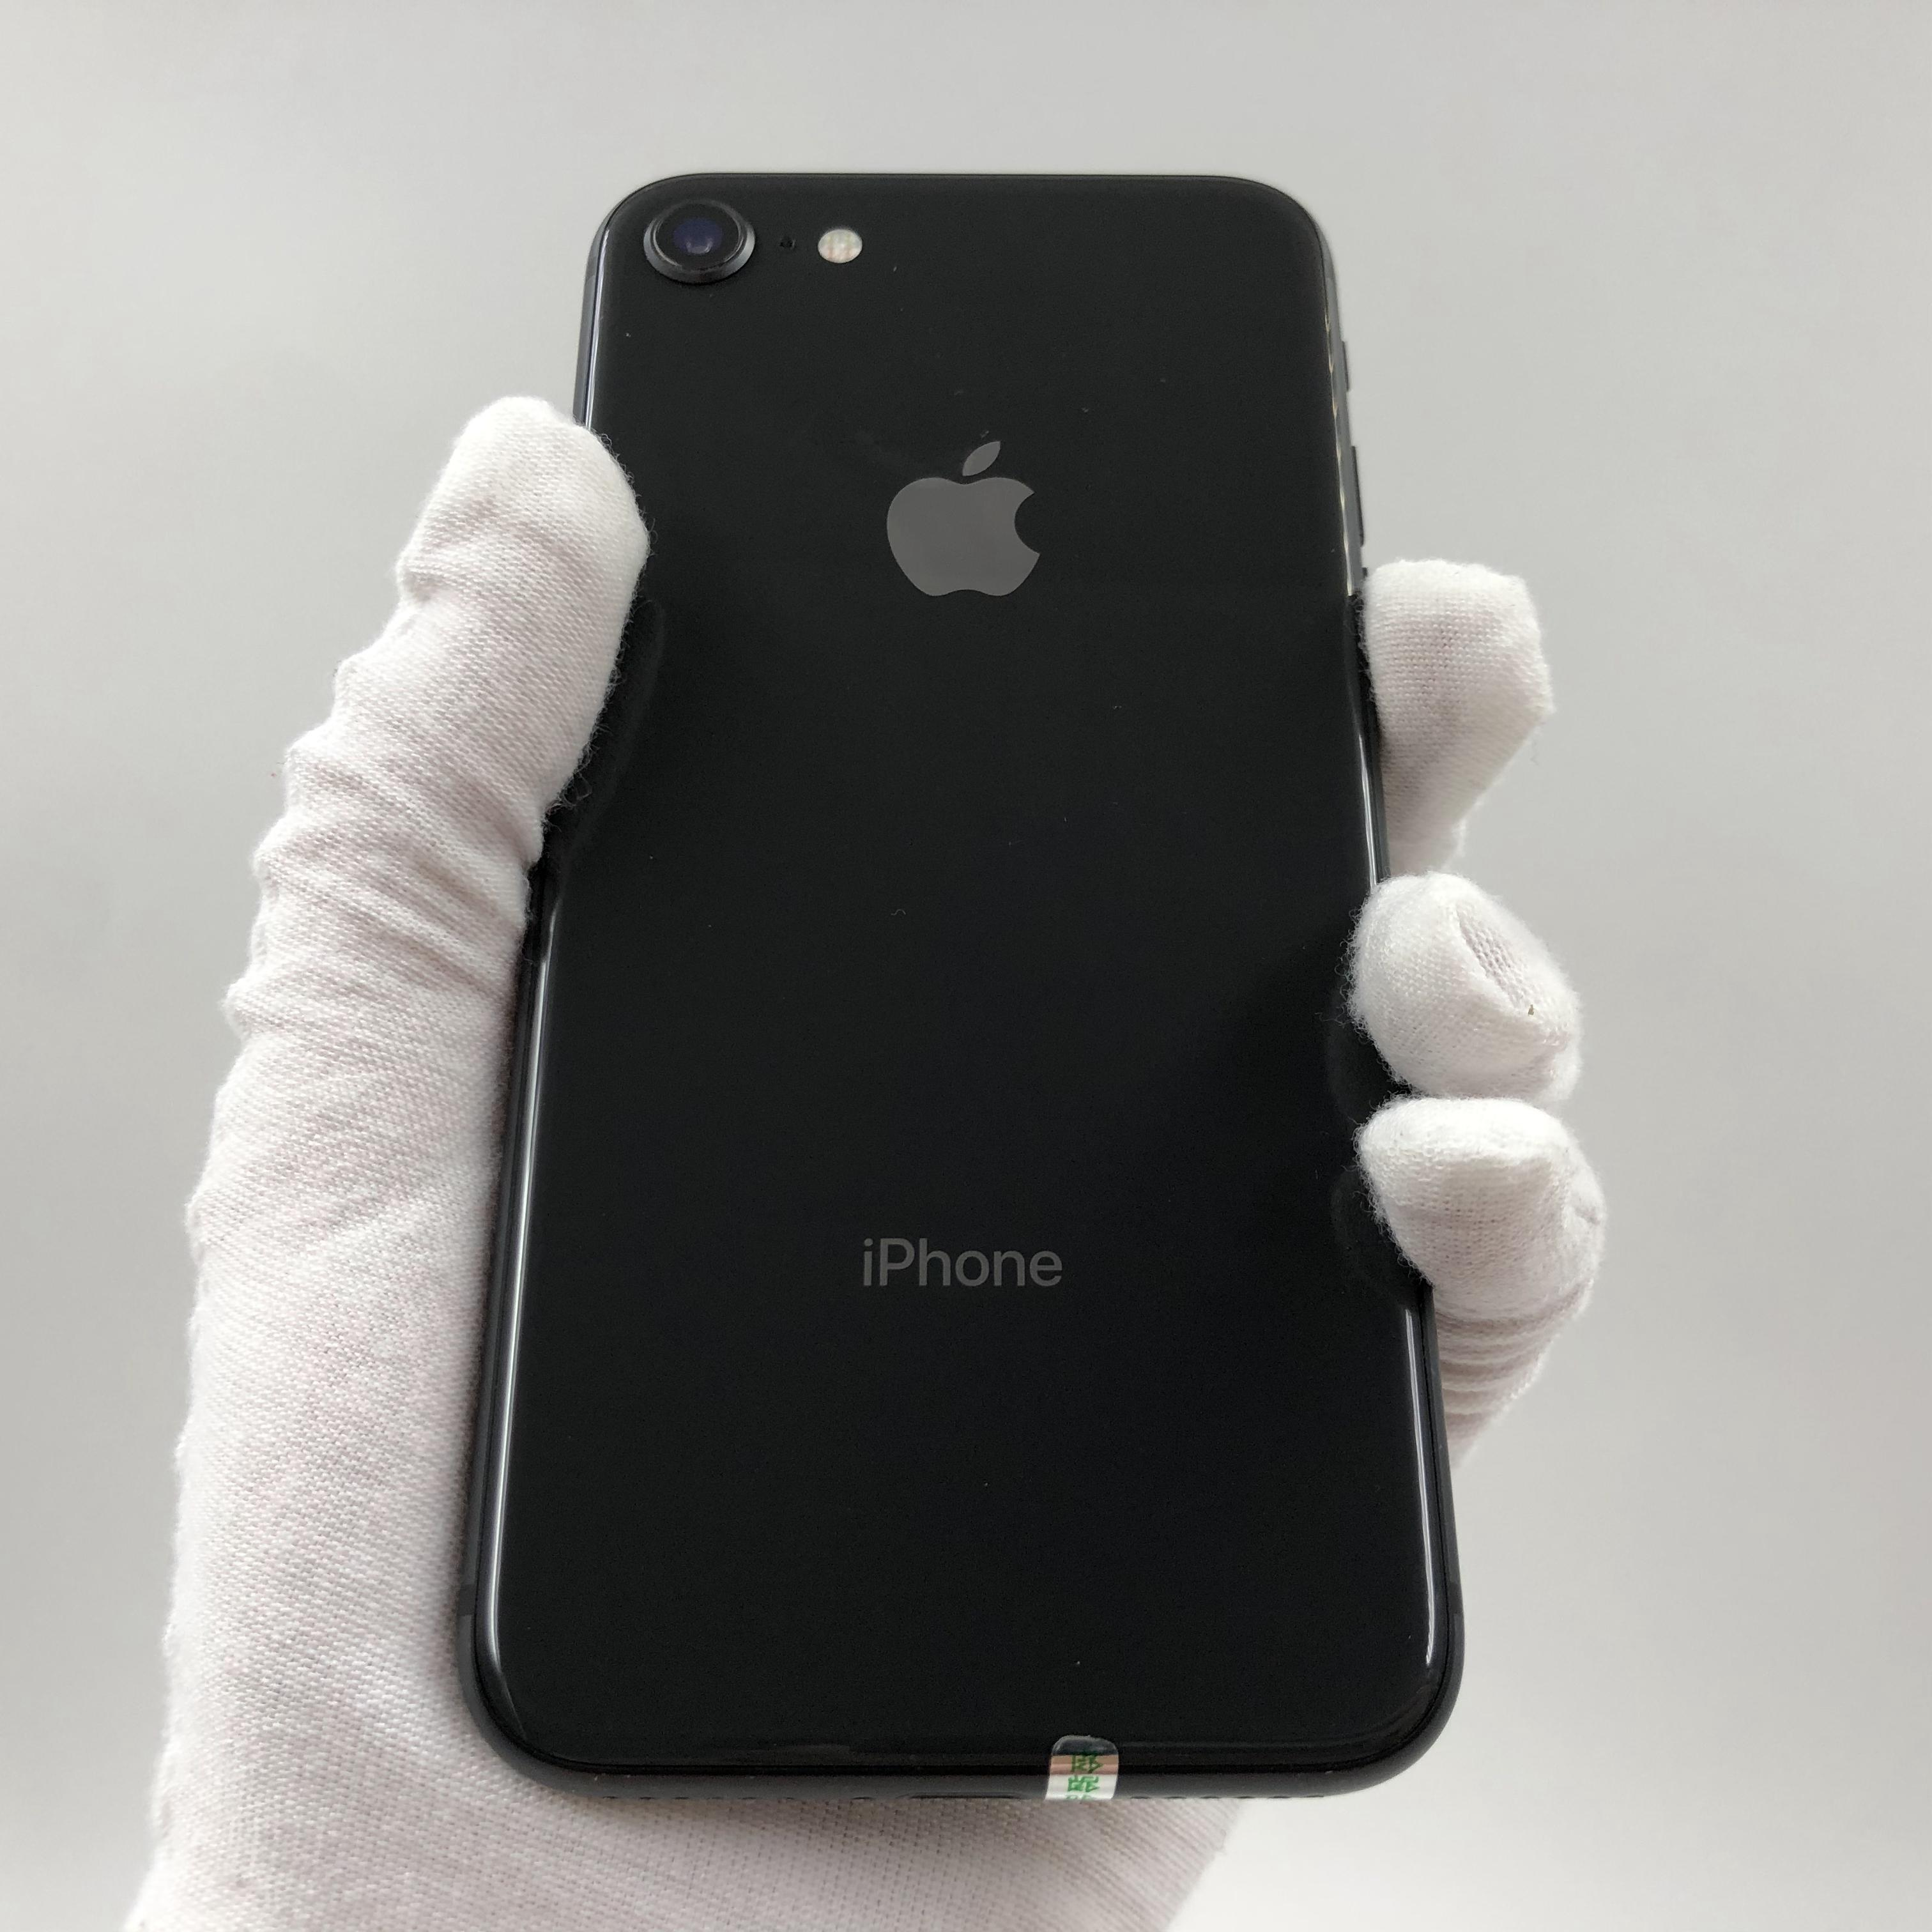 苹果【iPhone 8】4G全网通 深空灰 64G 国行 95新 真机实拍